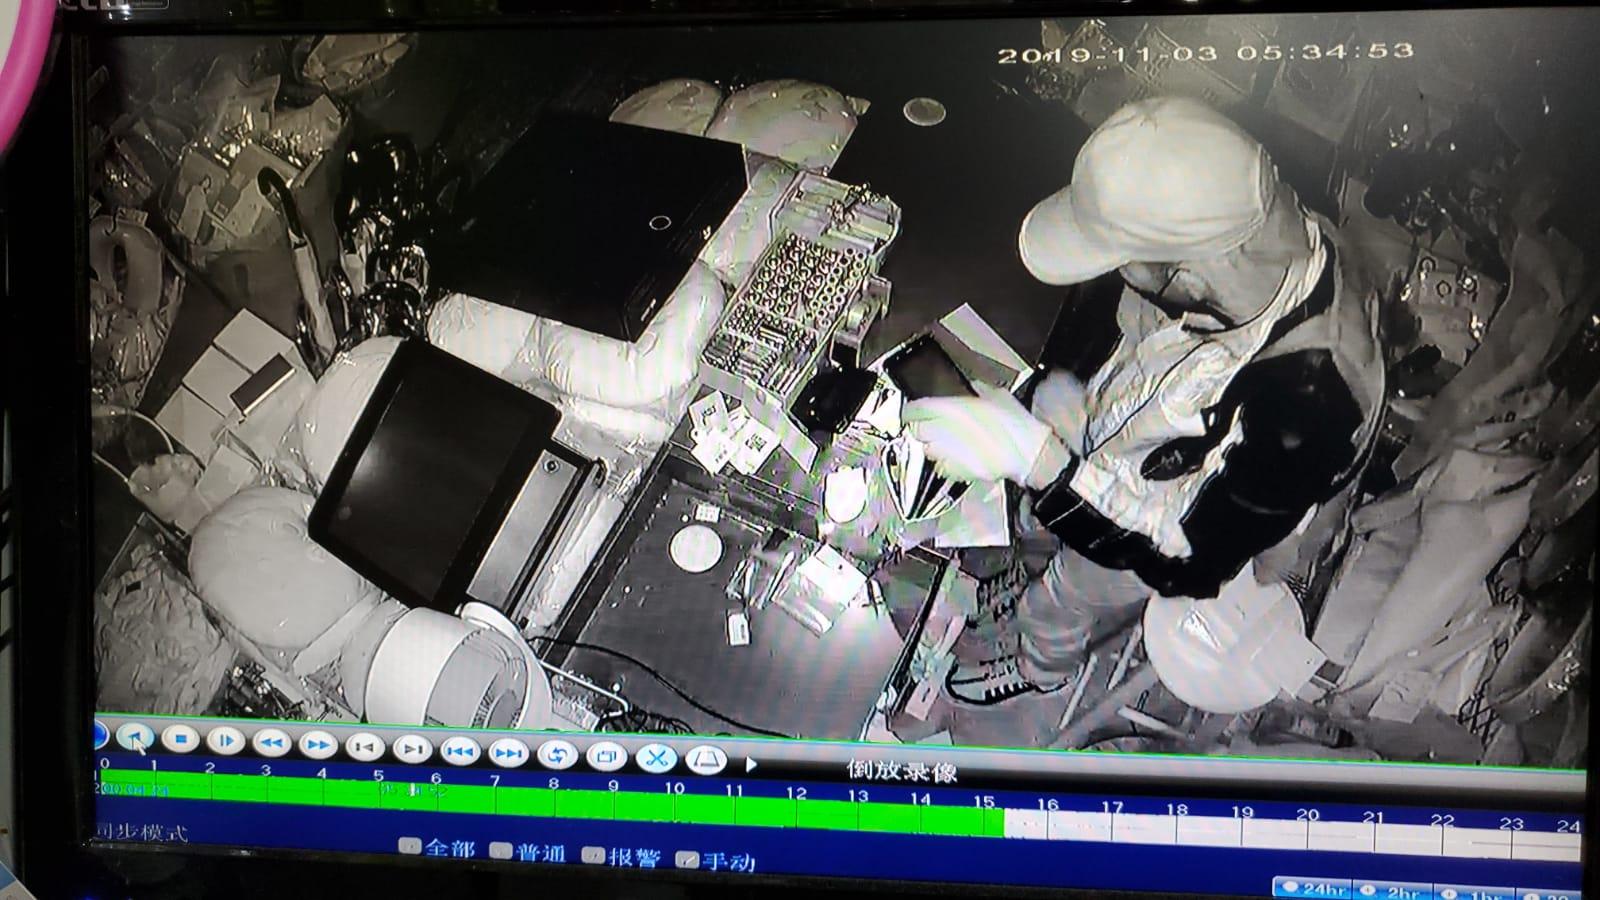 花园街家品店失爆损失1万元 天眼全程直击搜掠过程